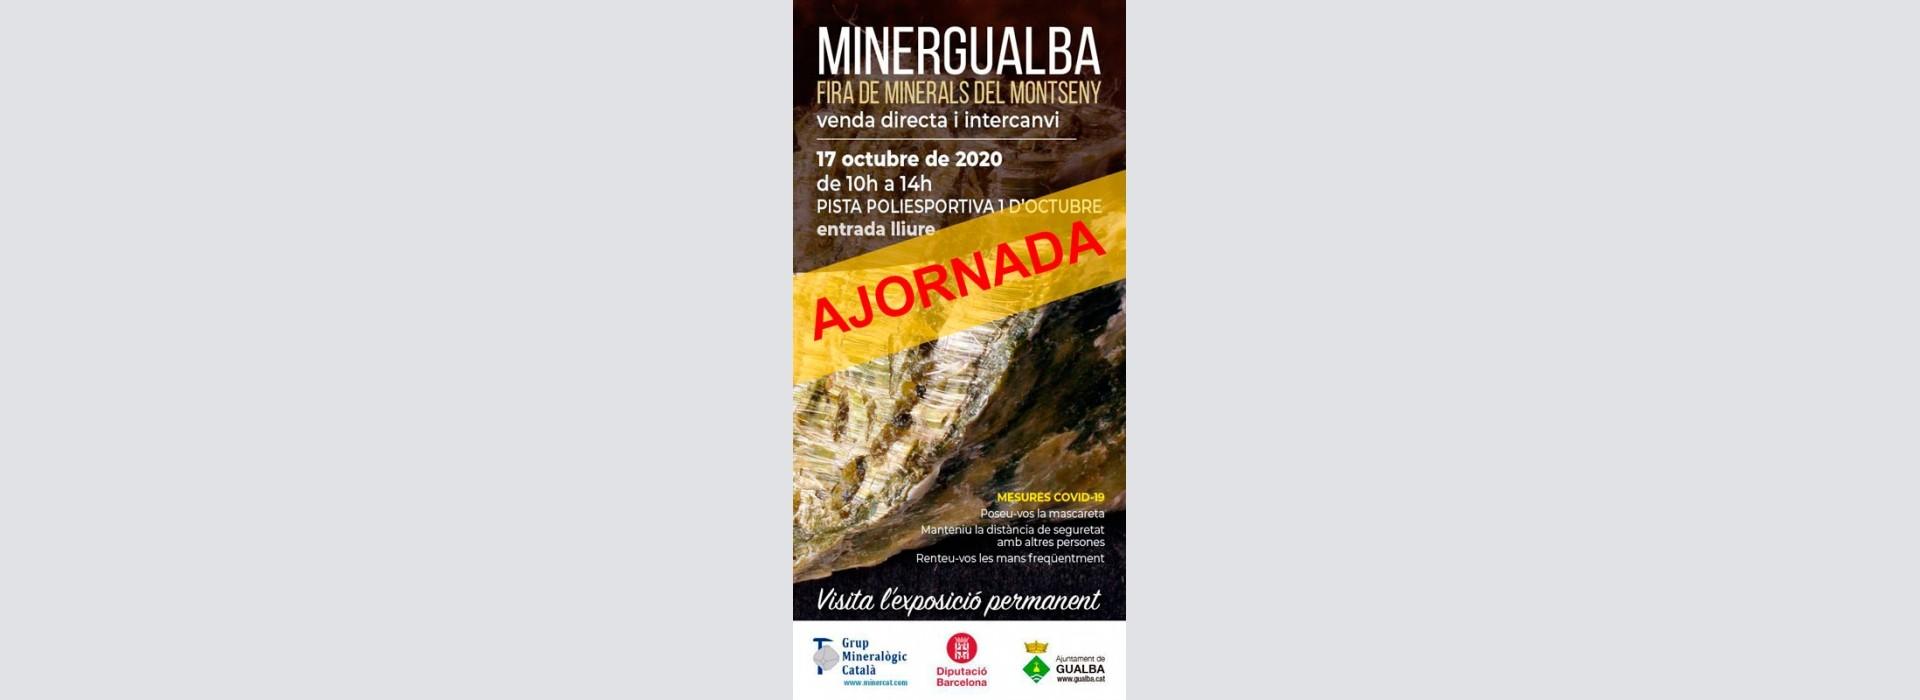 MINERGUALBA 2020 (3a edició) - APLAZADA